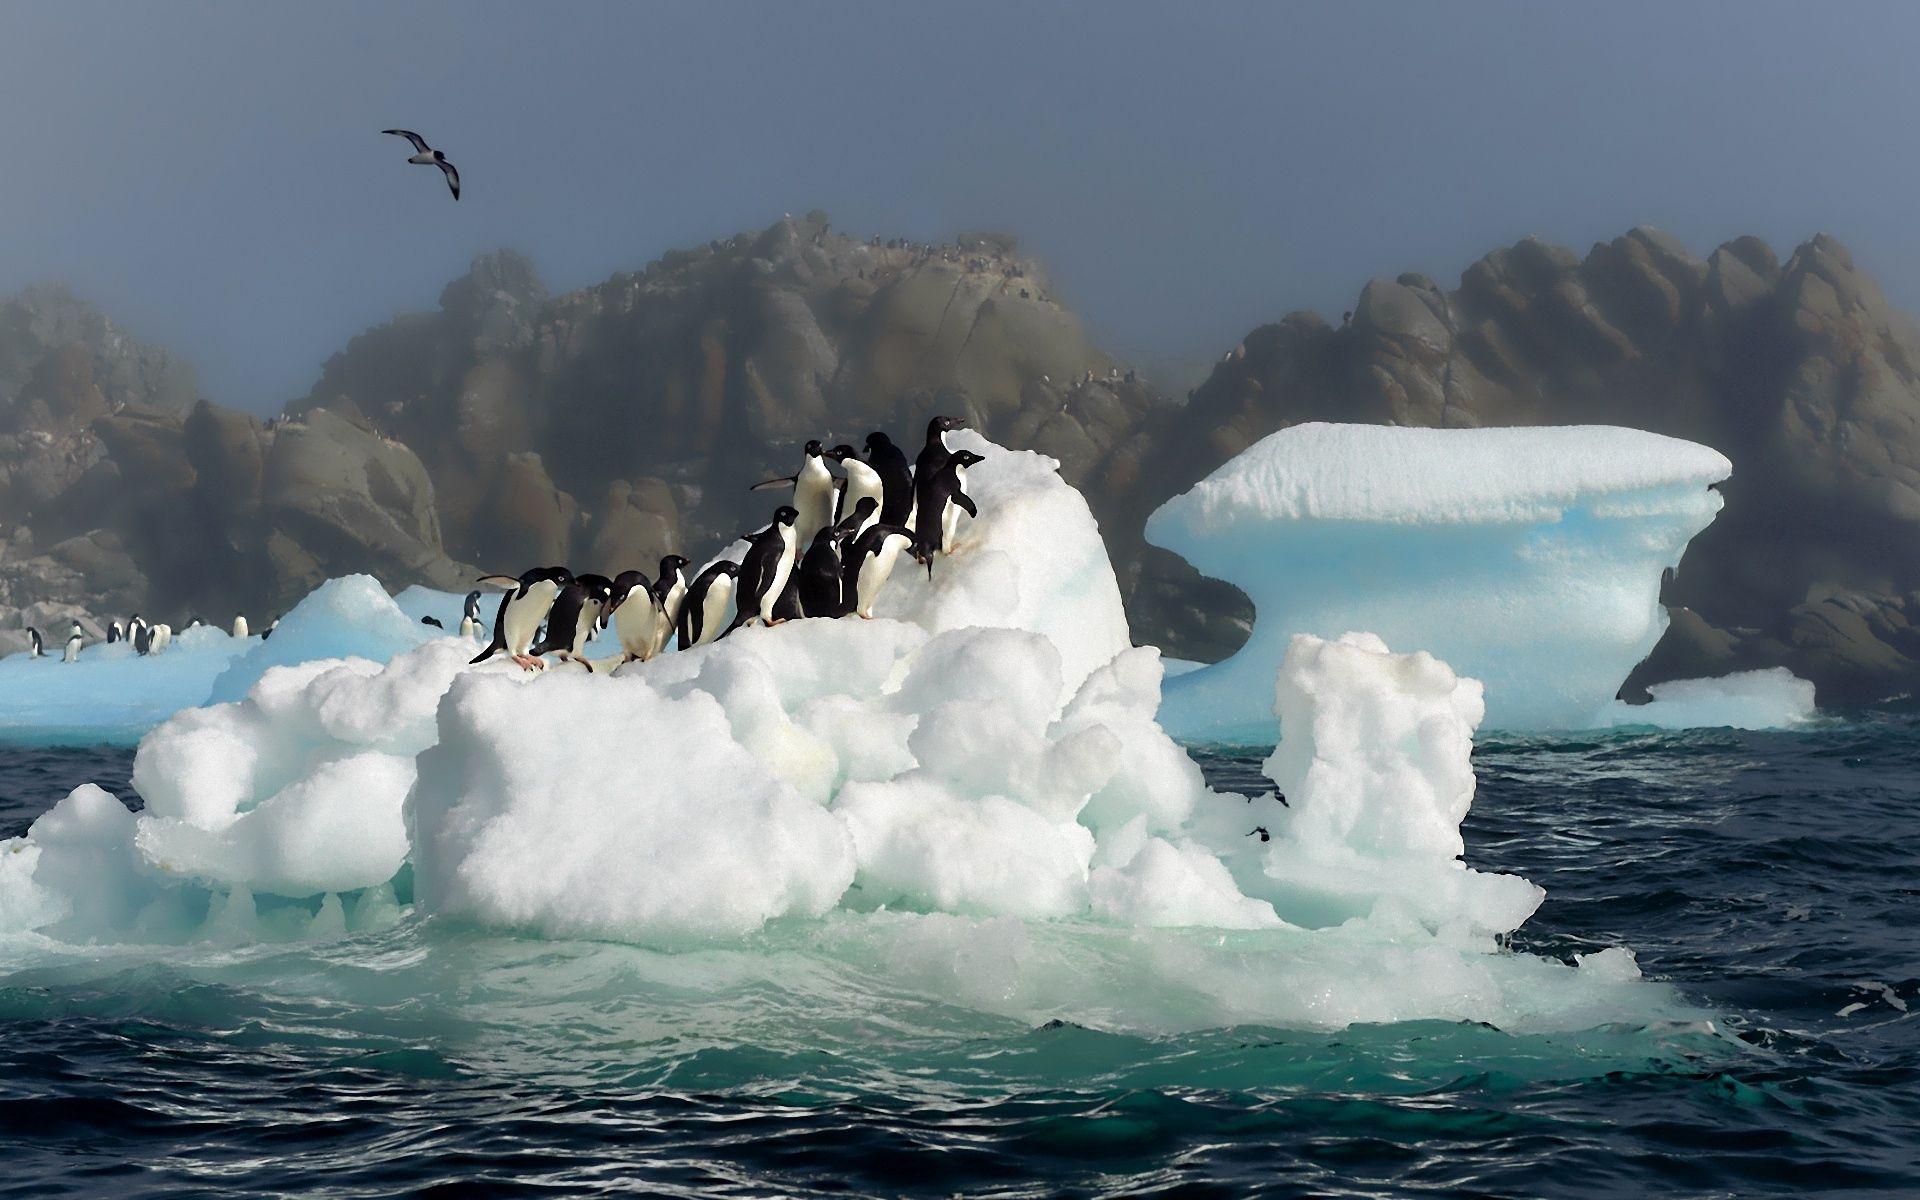 93096 Hintergrundbild herunterladen Vögel, Tiere, Wasser, Pinguins, Schnee, Prallen, Springen, Antarktis - Bildschirmschoner und Bilder kostenlos